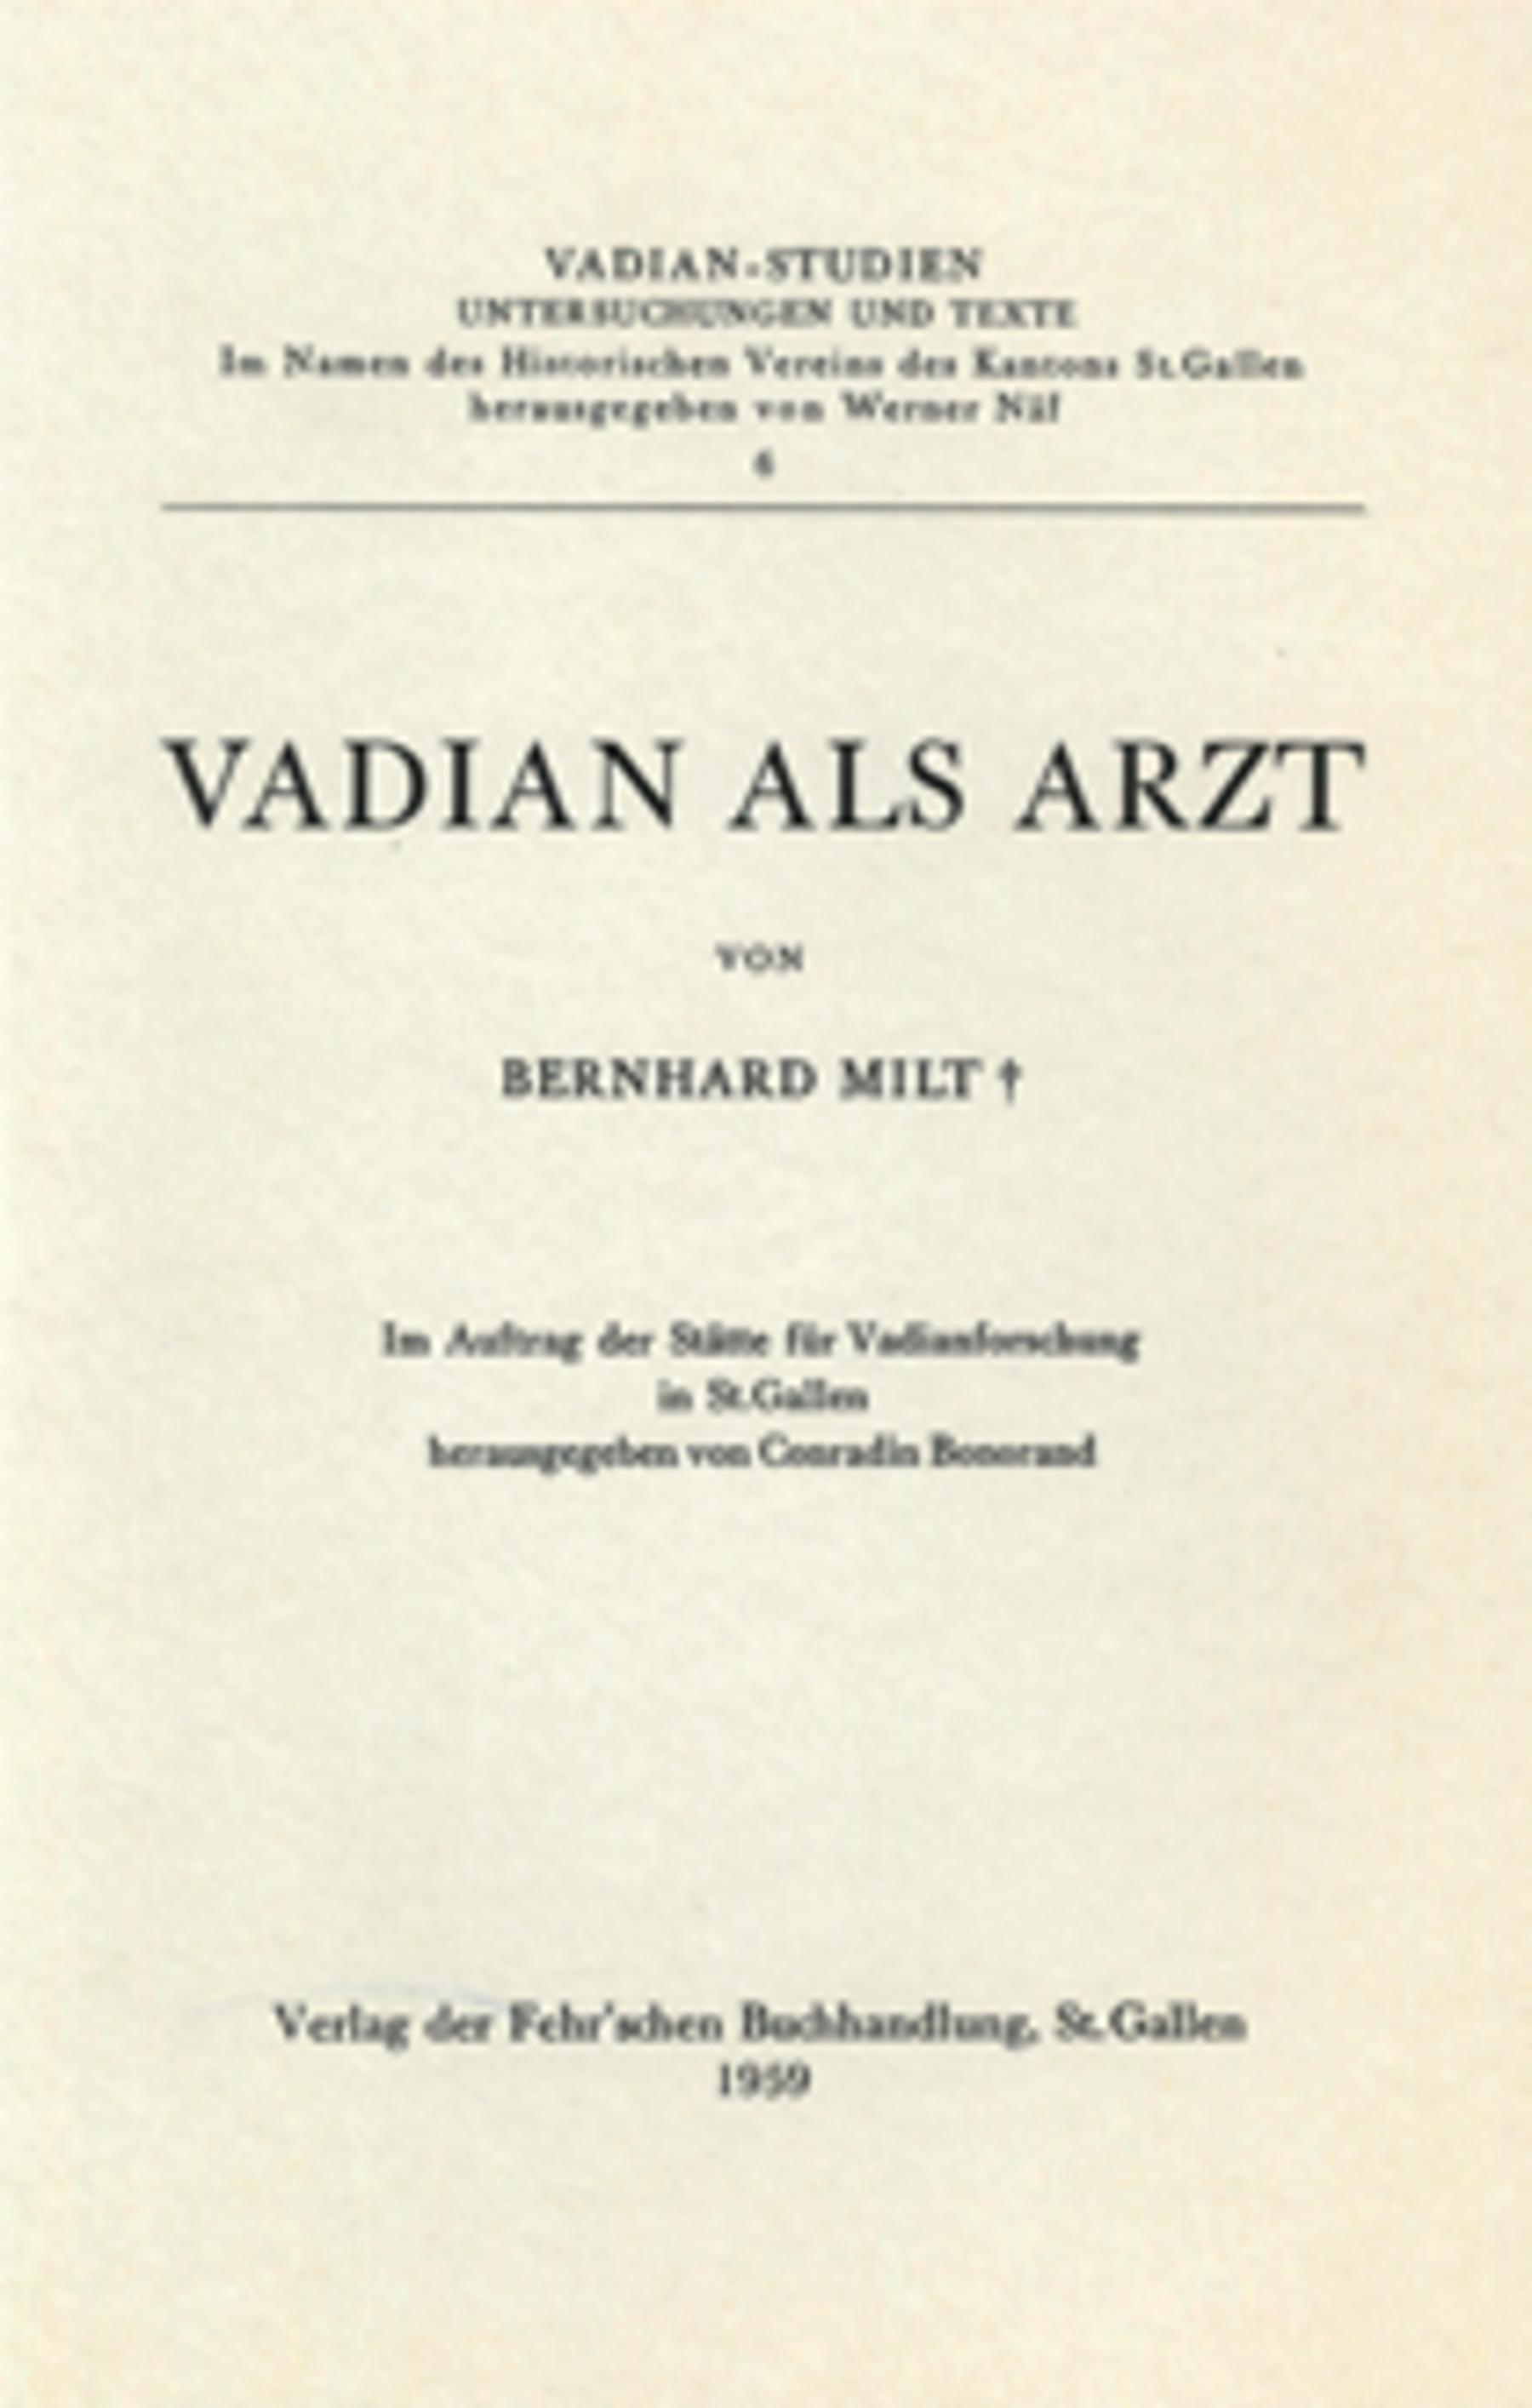 <p><p>von Bernhard Milt +